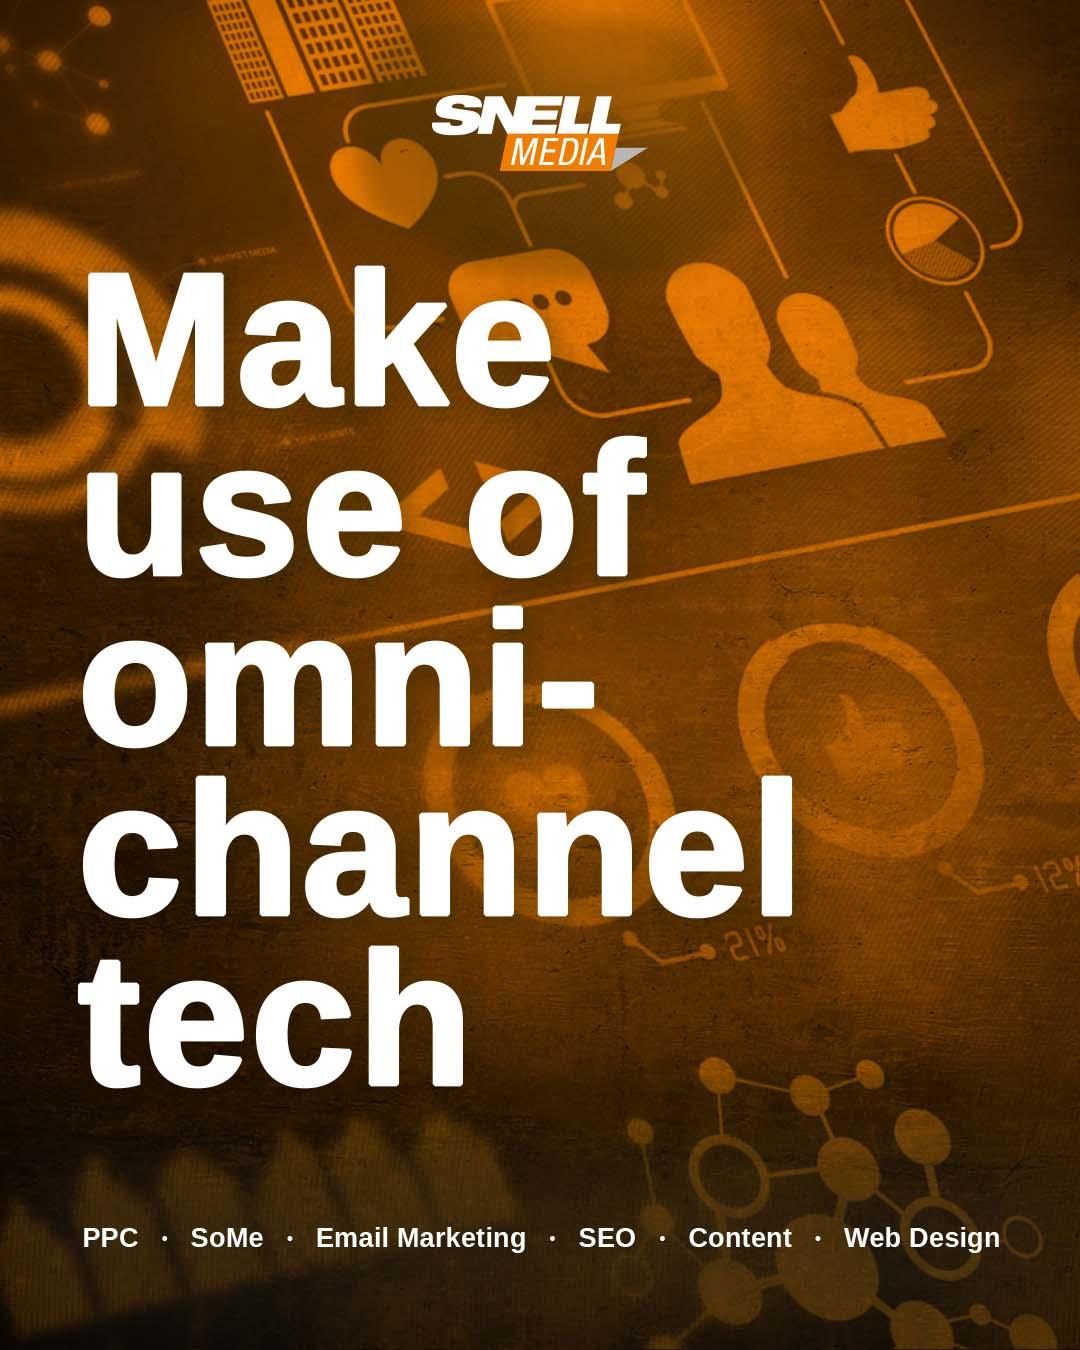 Make Use of Omnichannel Tech